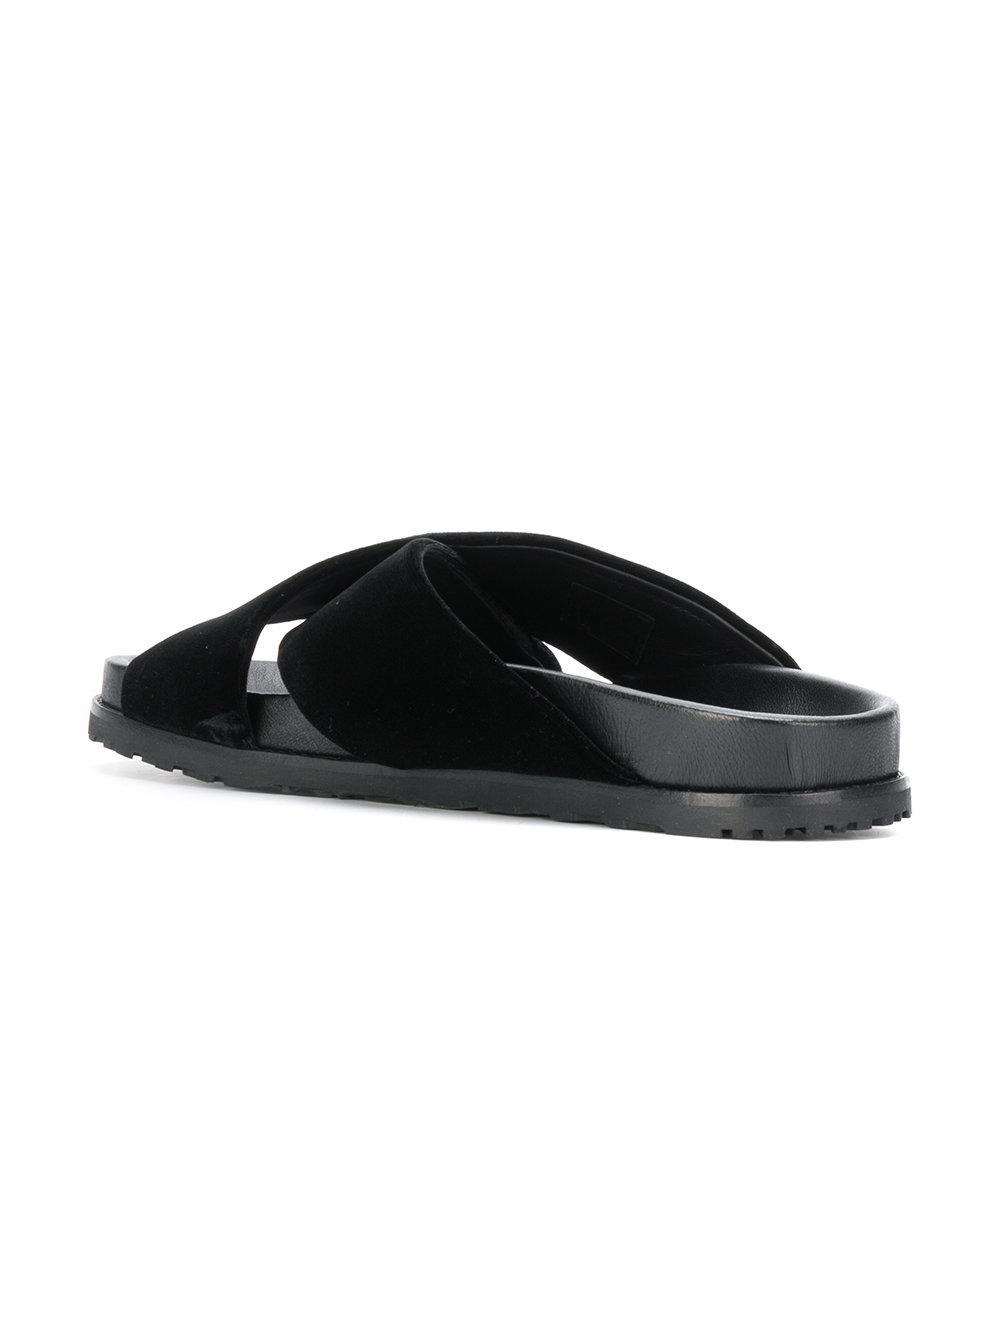 Saint Laurent Jimmy notched sandals - Black farfetch neri Eastbay En Venta La Salida Precios Baratos Descuentos De Liquidación gwmlHsijjX